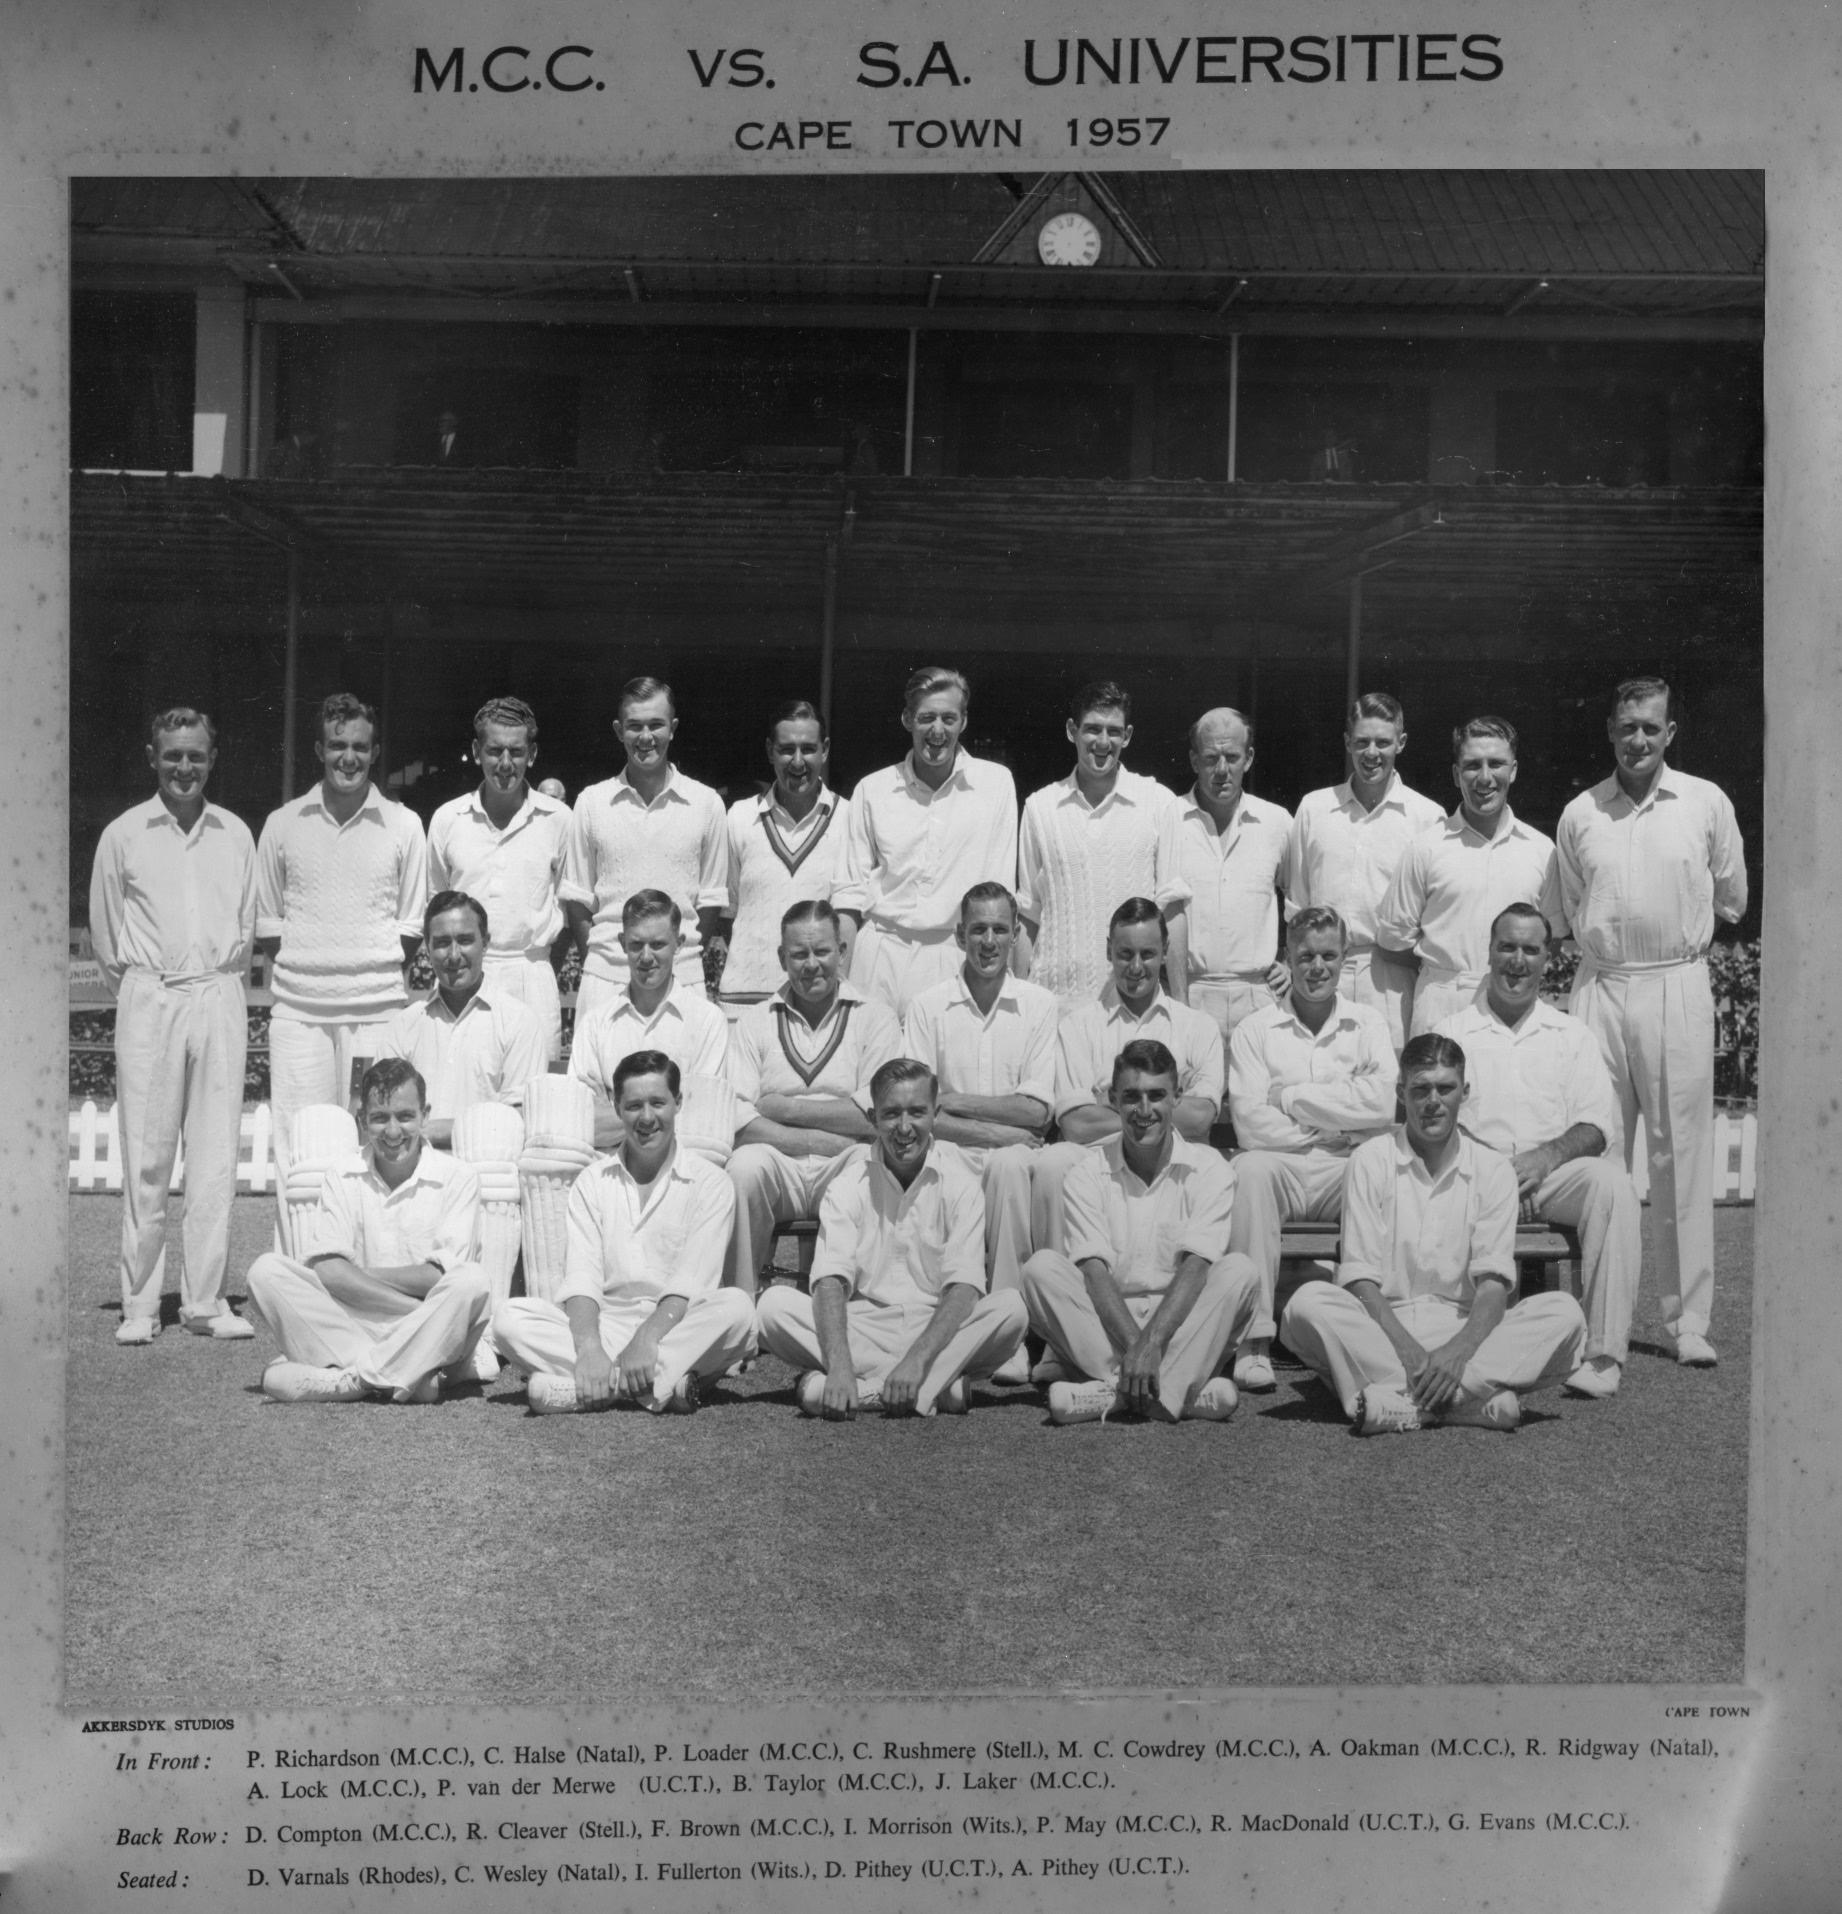 MCC vs SA Universities 1957